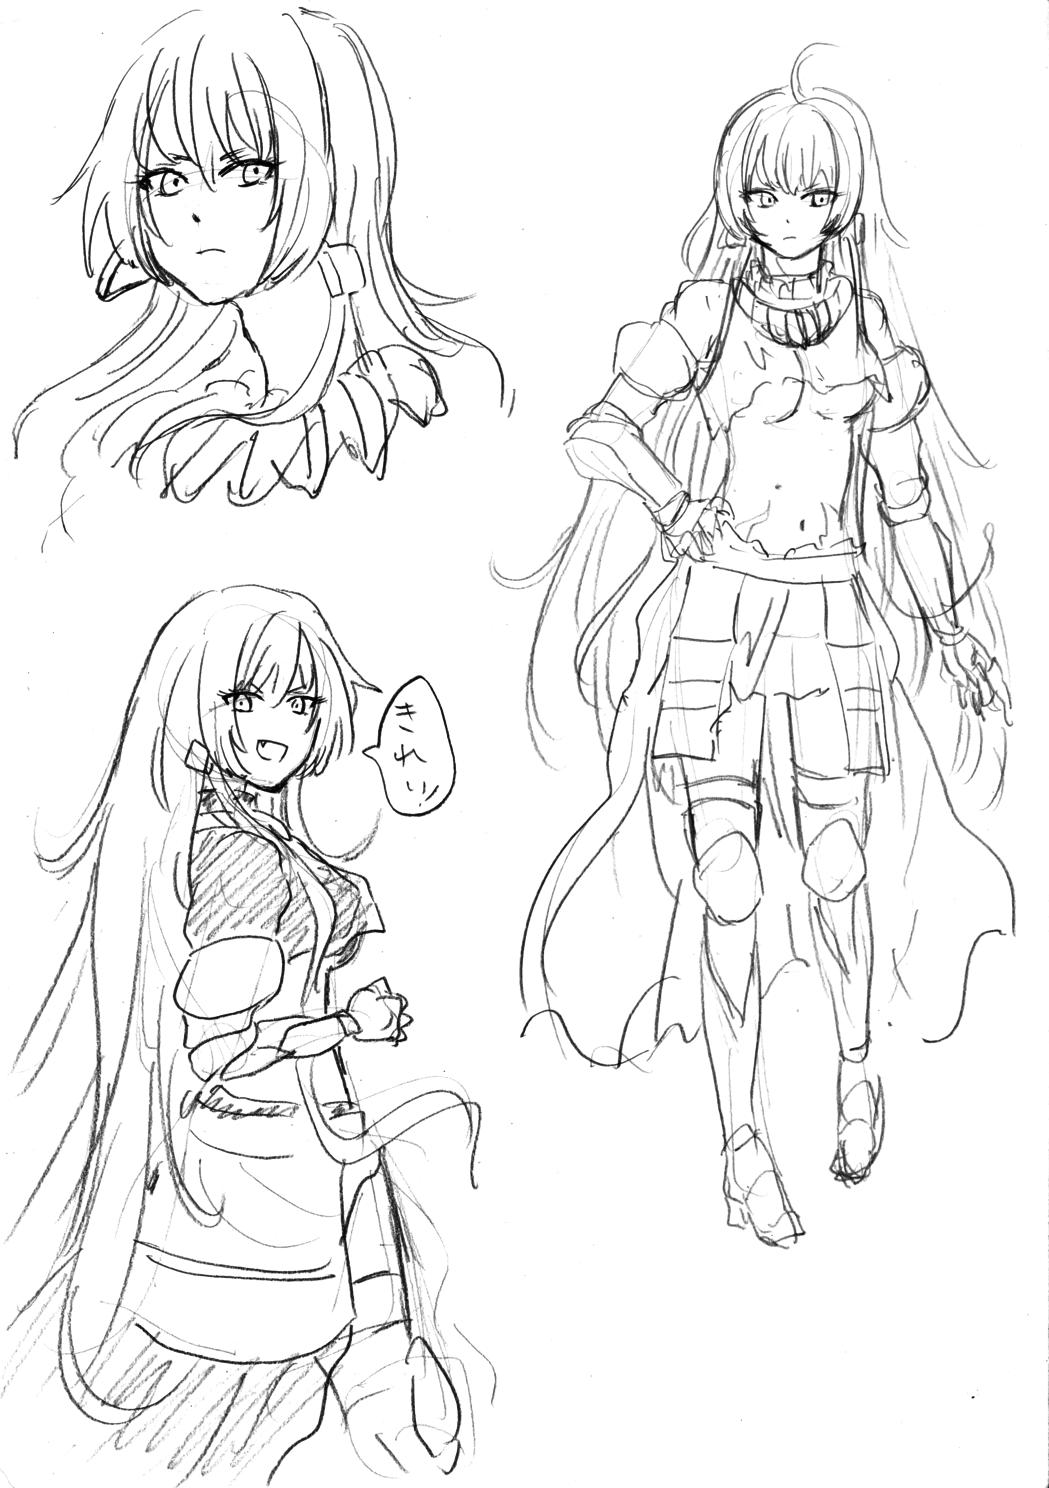 аниме девушка зарисовка